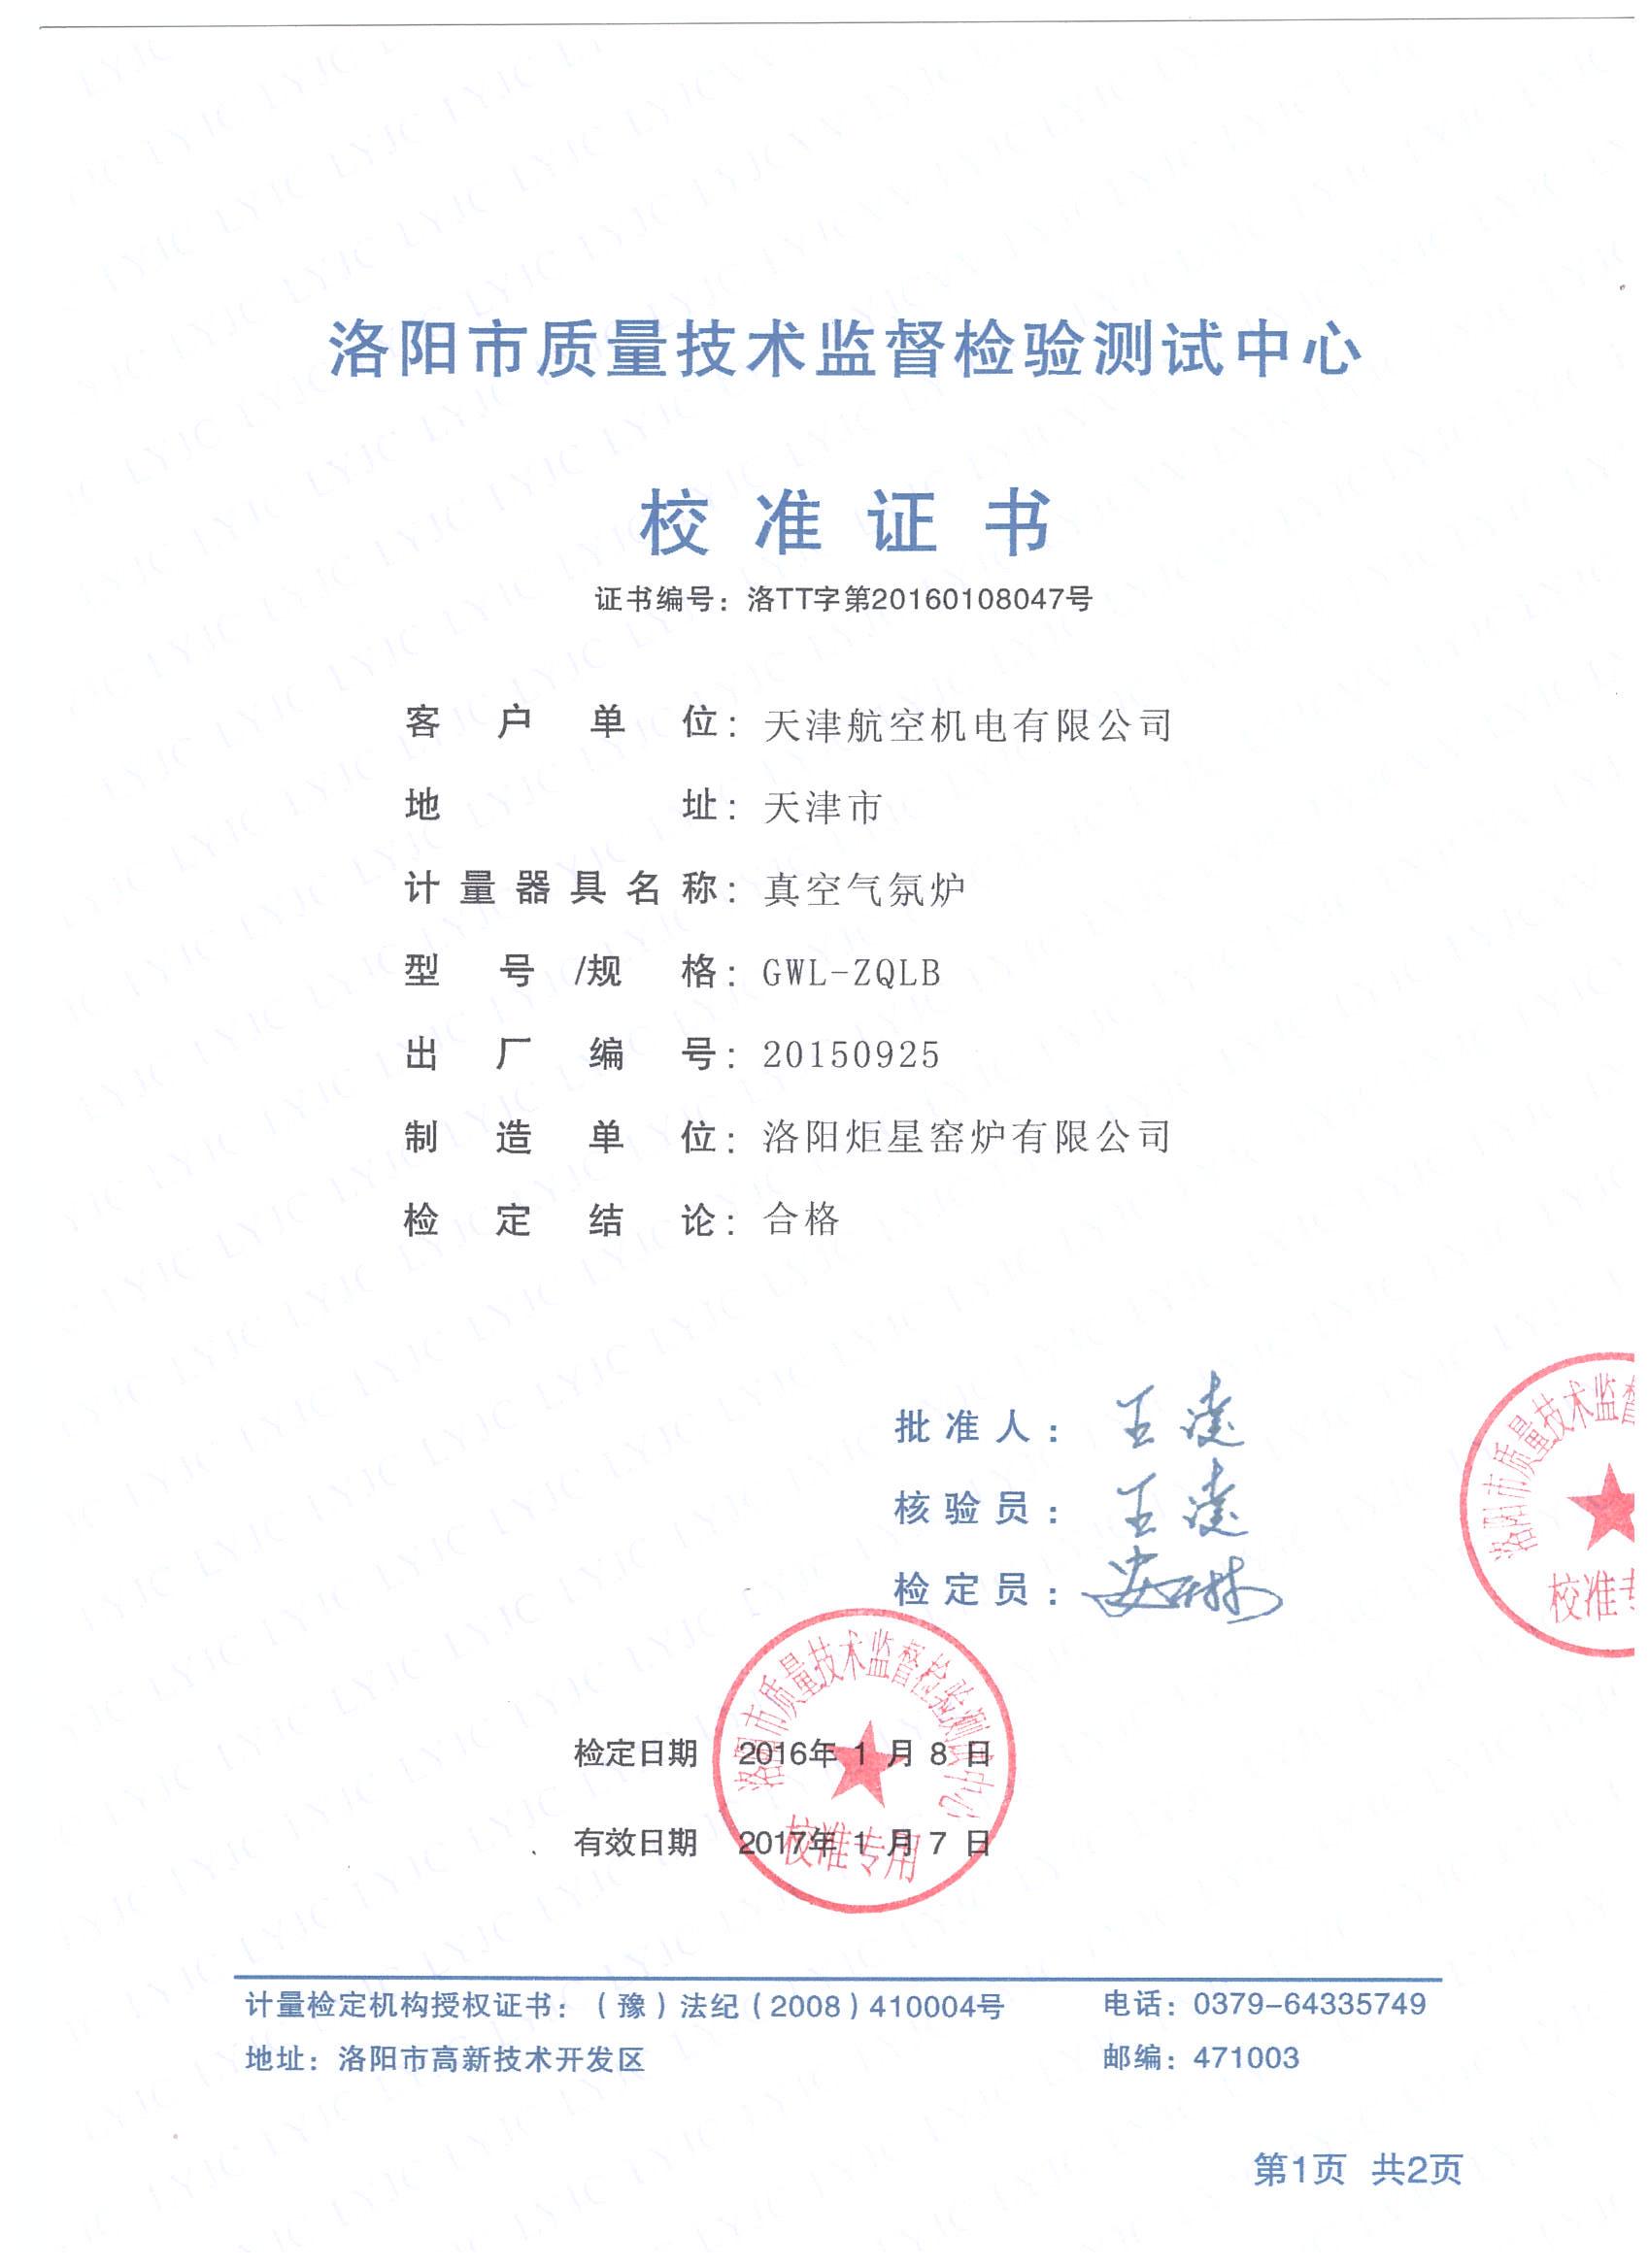 产品质量校准证书